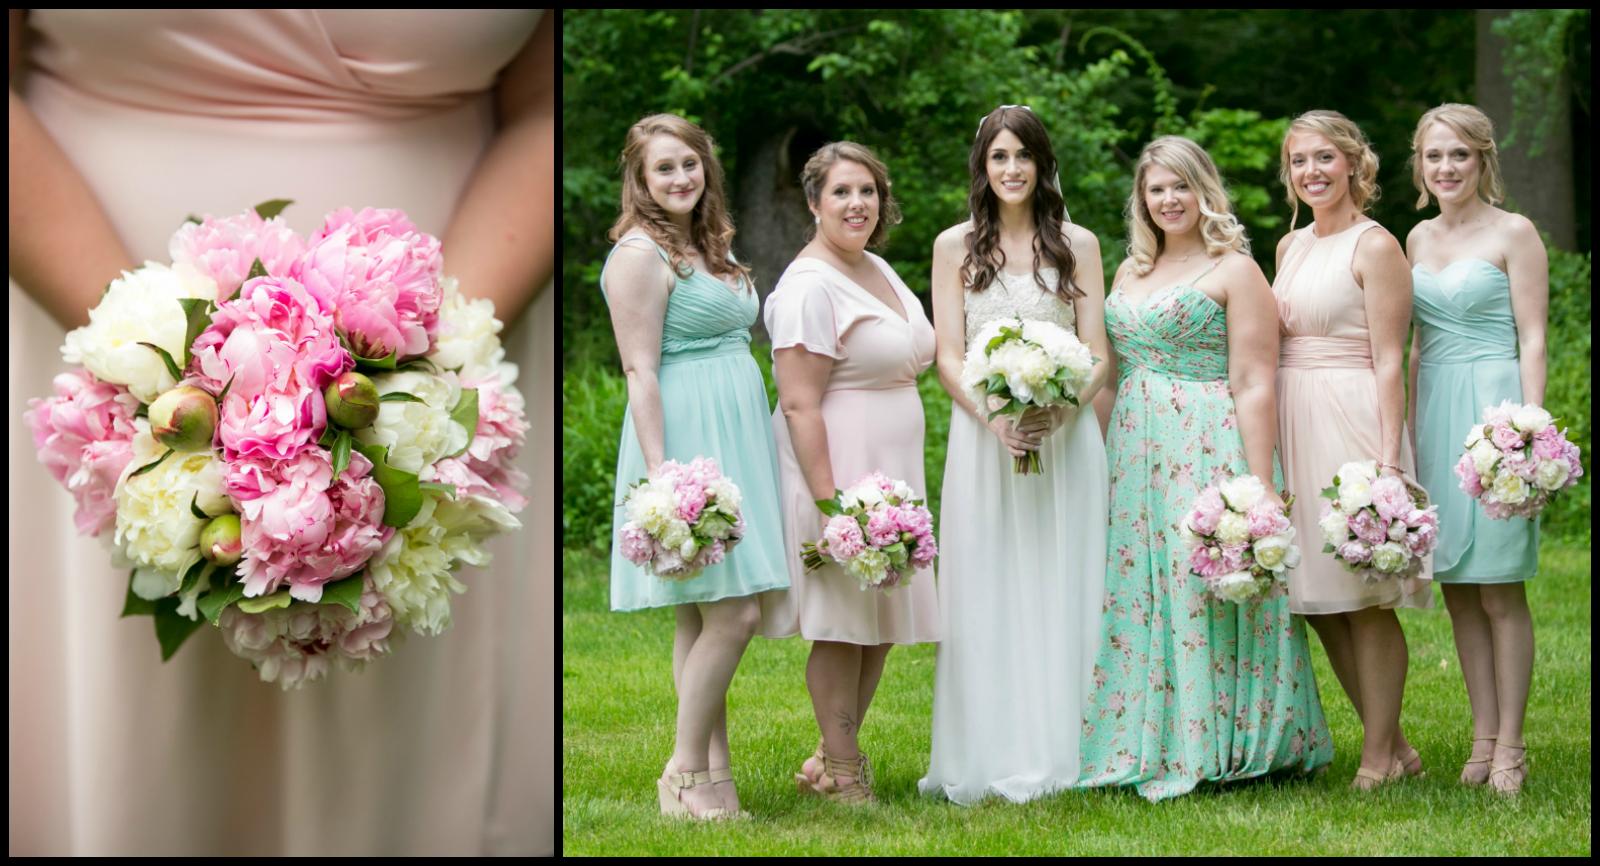 2a-bridesmaid